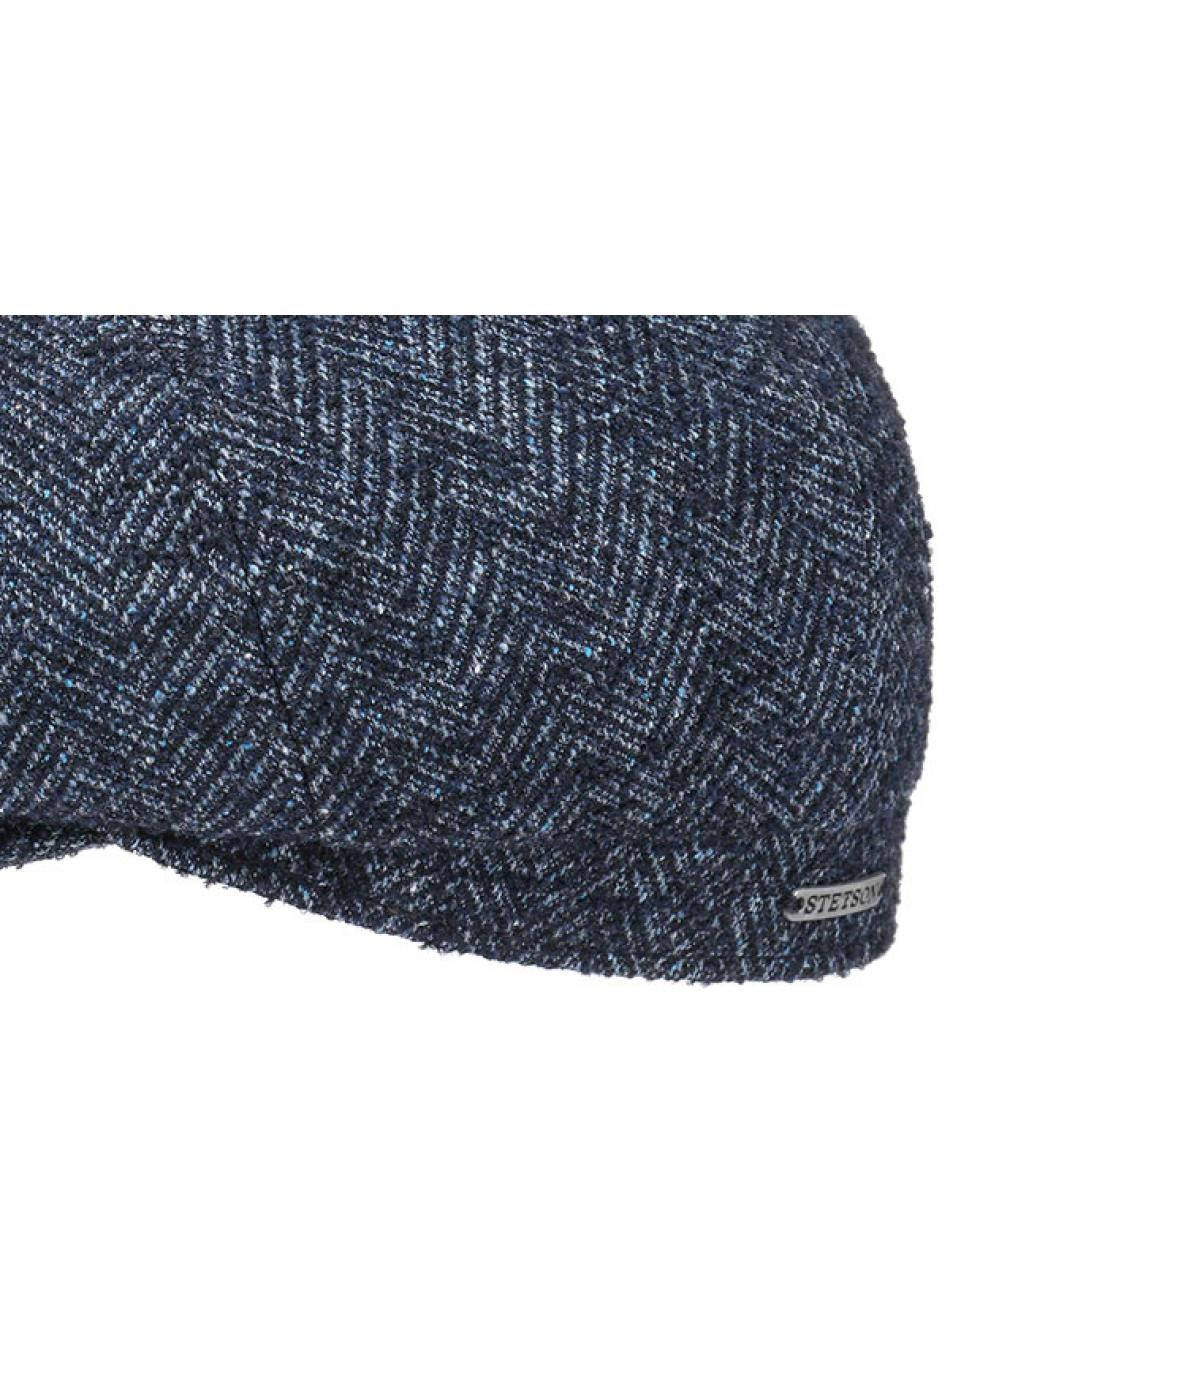 Details Hatteras Virgin Wool blue herringbone - afbeeling 3